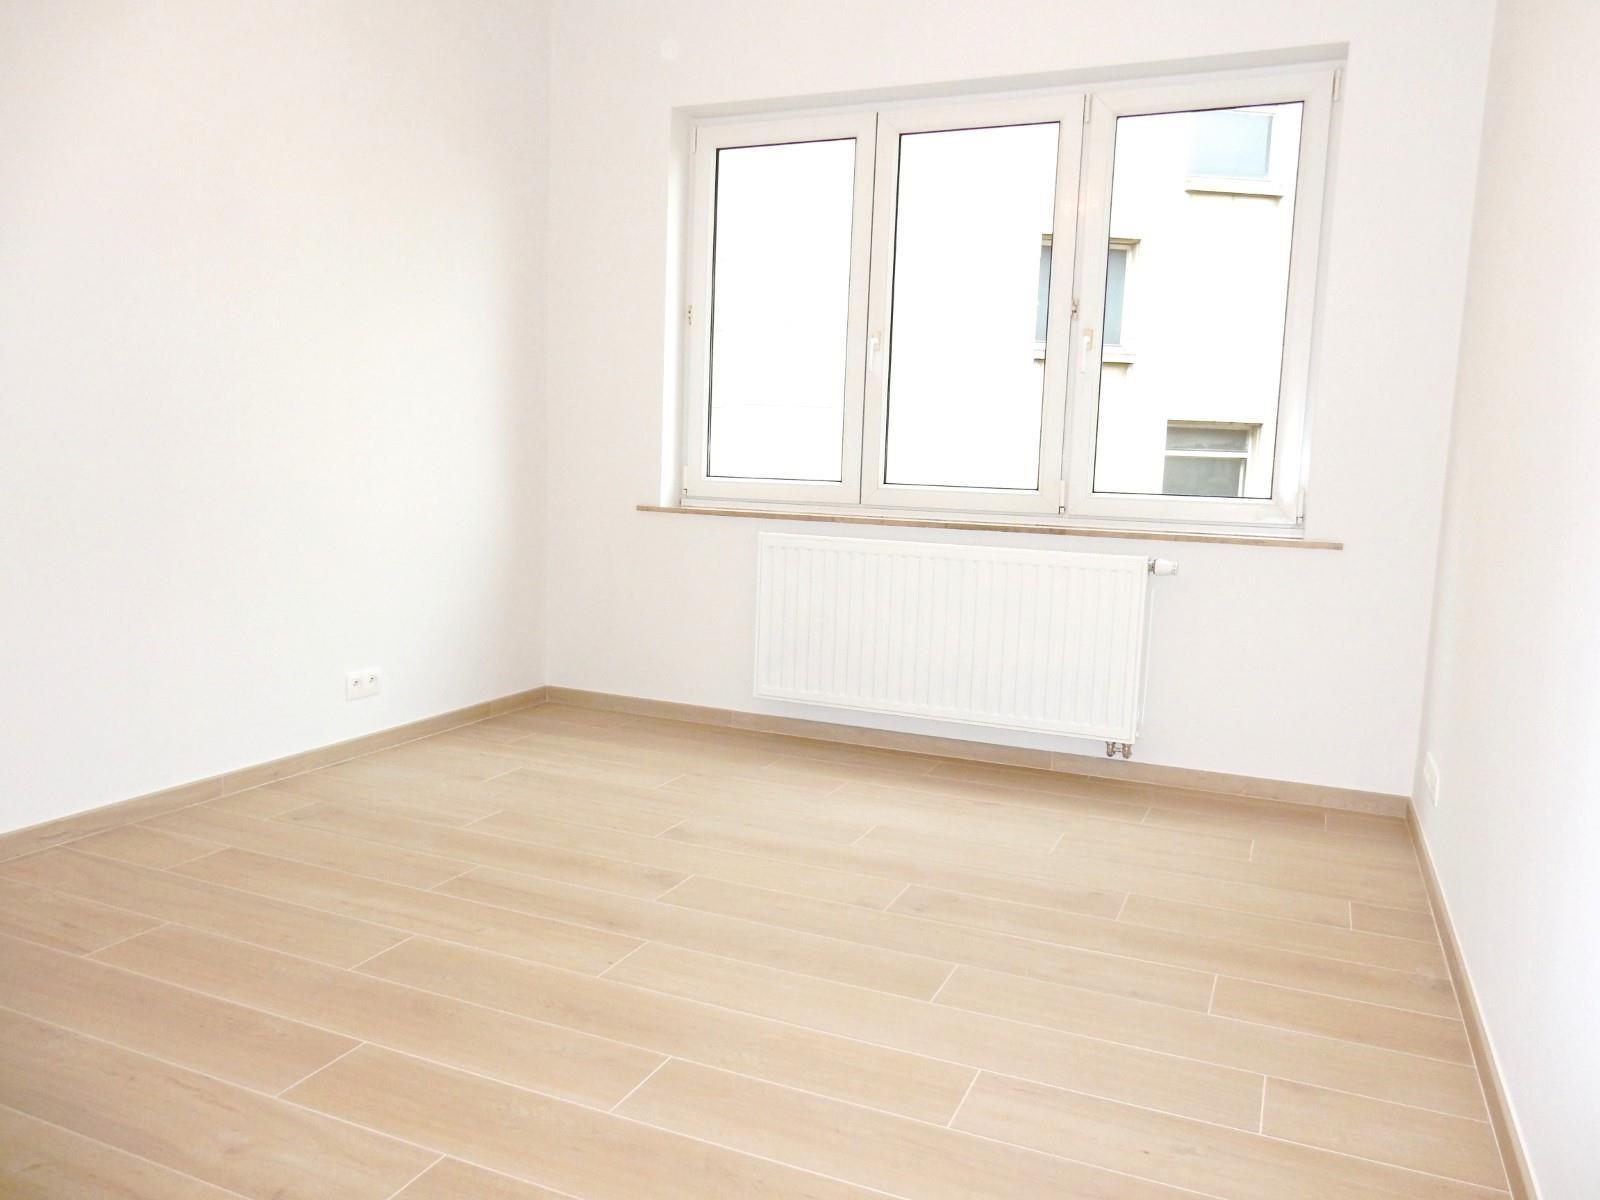 Appartement - Schaarbeek - #3798187-5